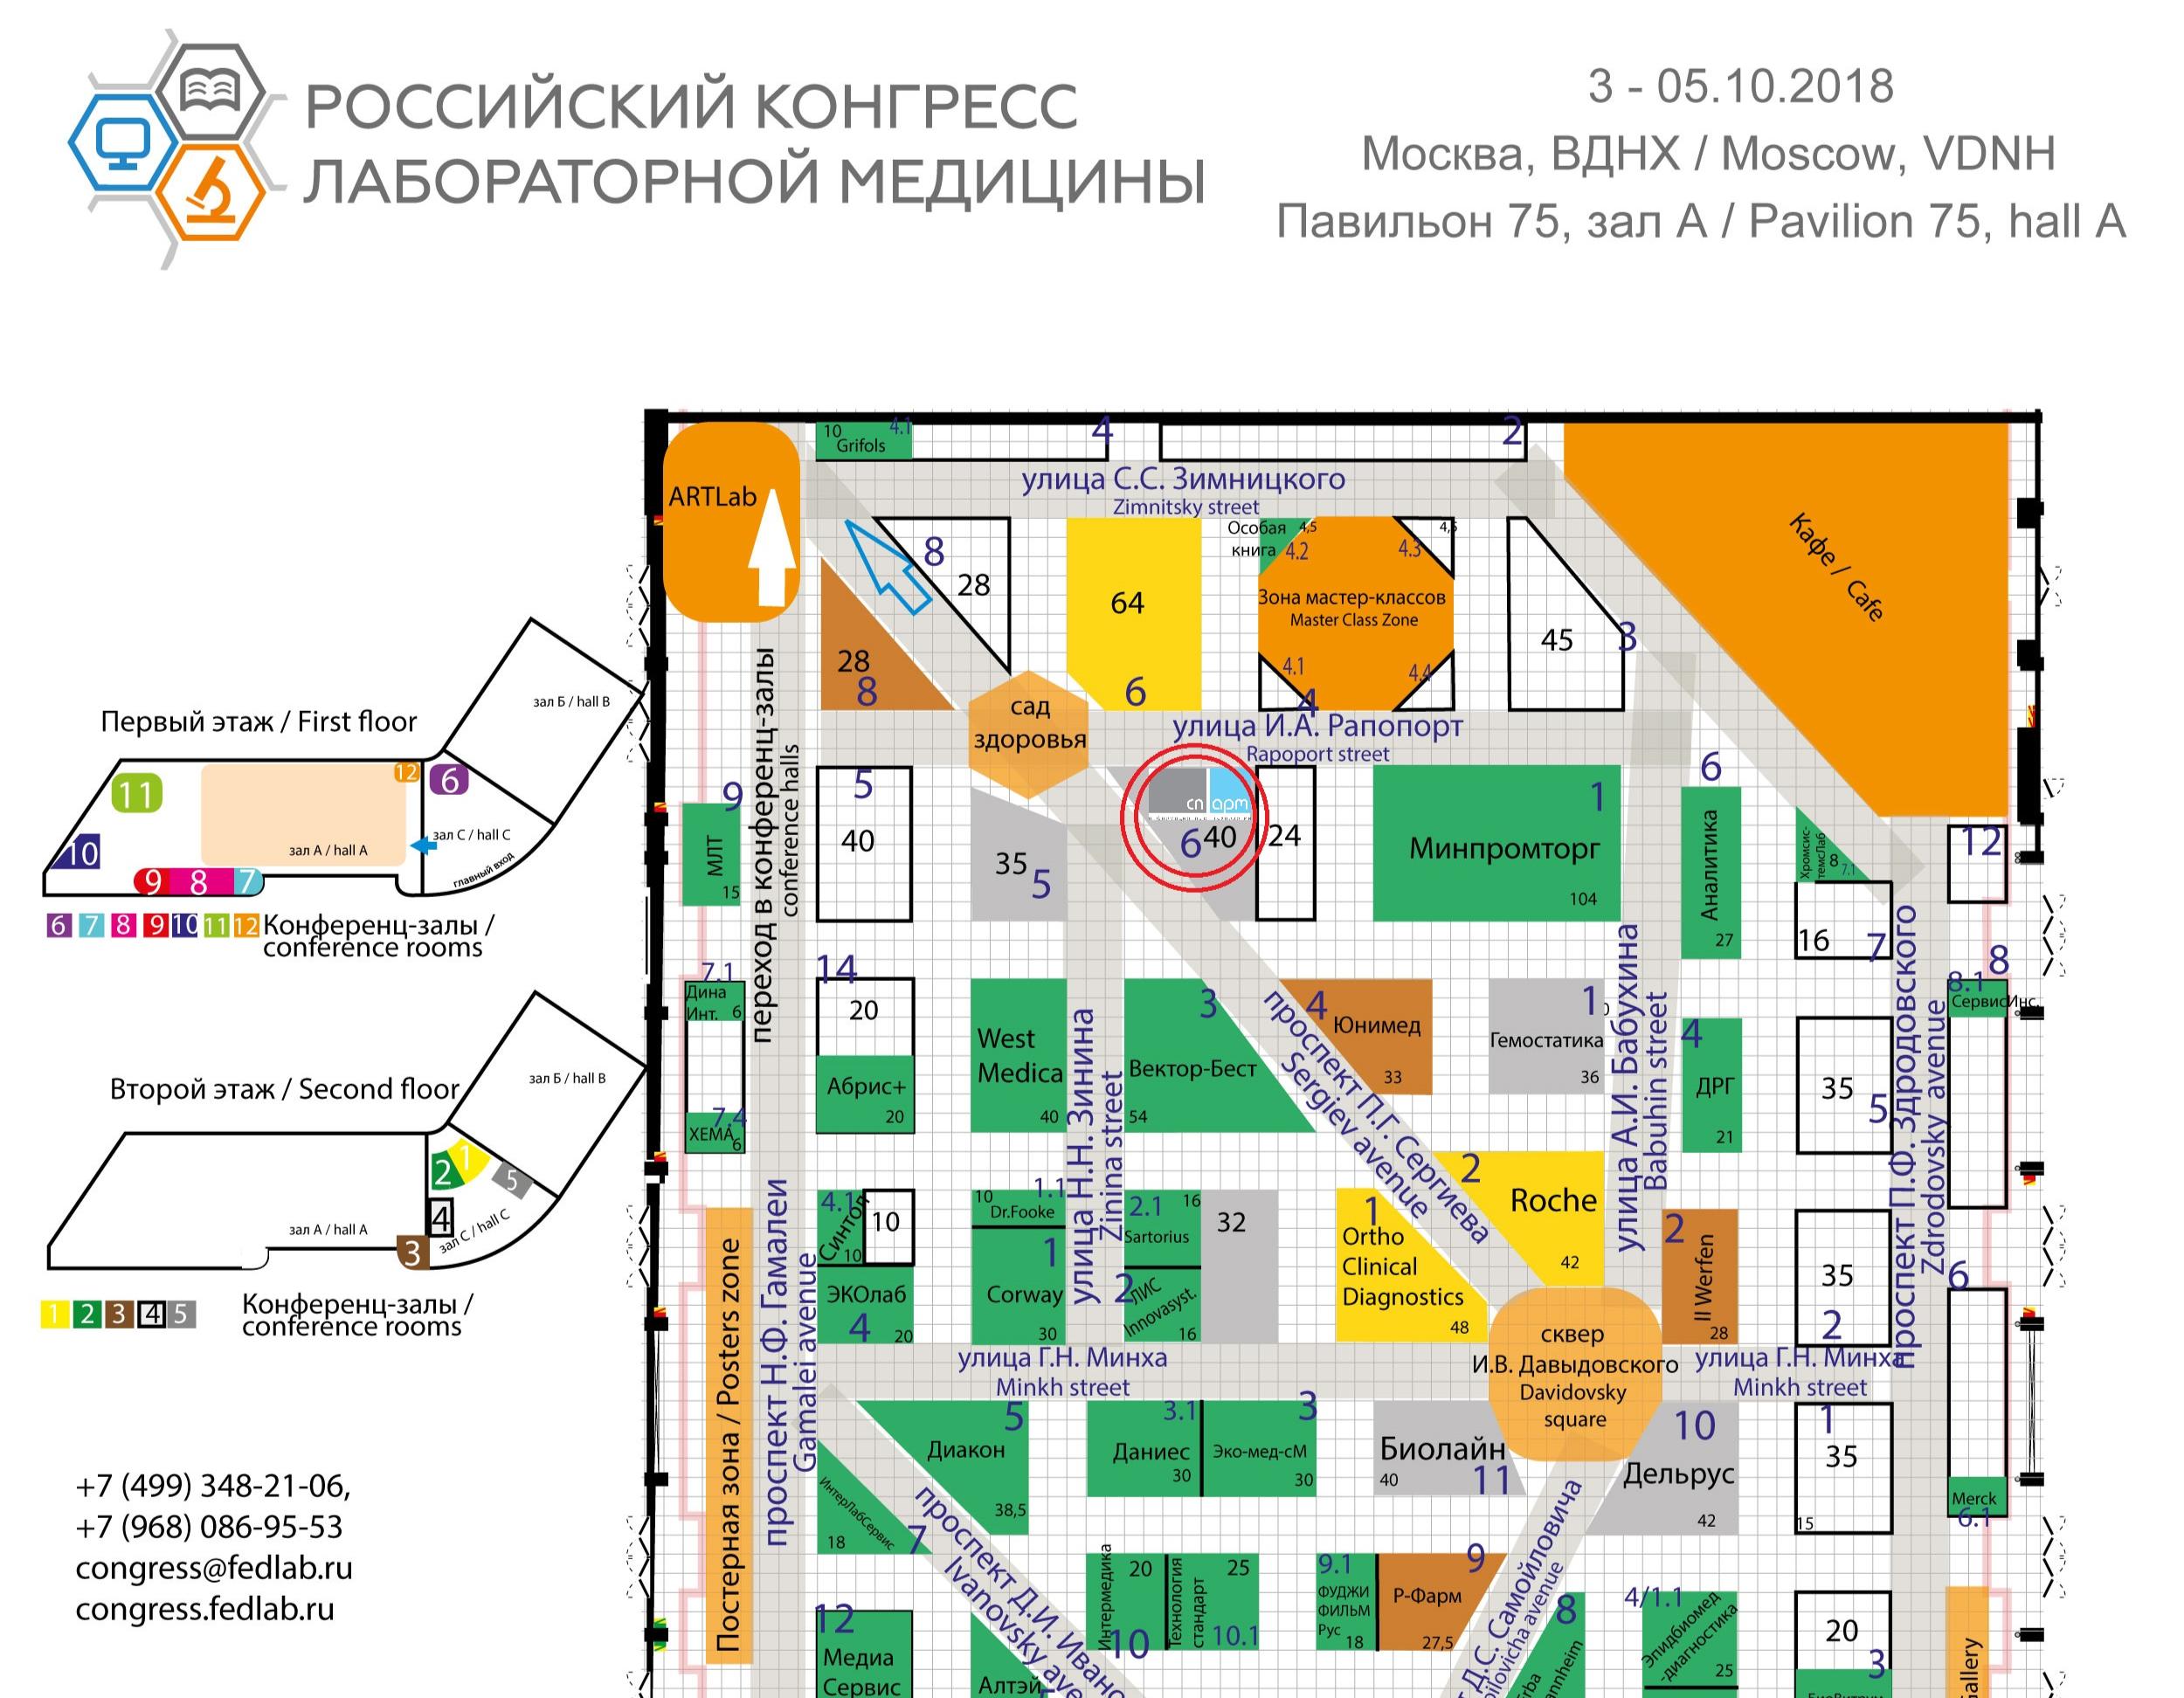 Приглашаем на IV Российский конгресс лабораторной медицины